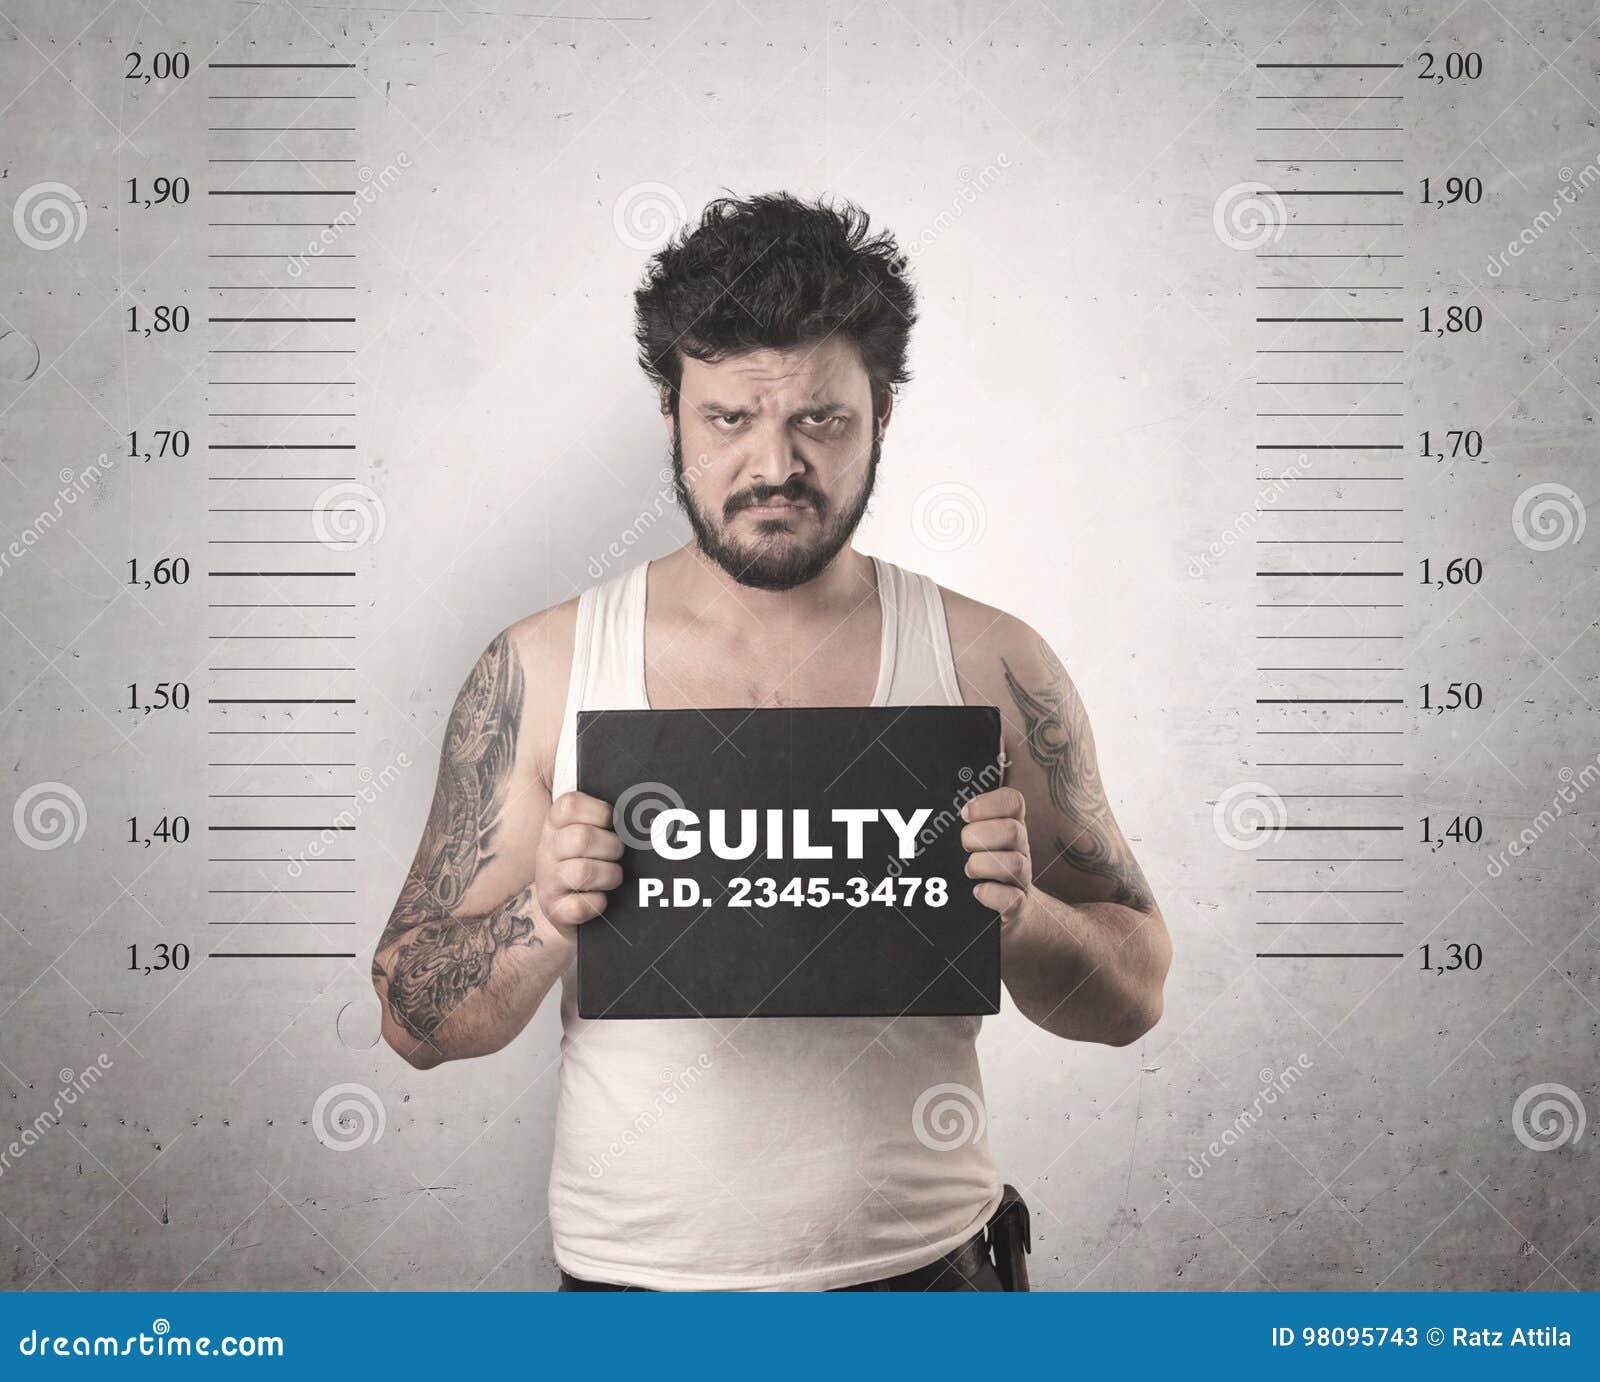 Risultato immagini per maschi colpevoli immagini